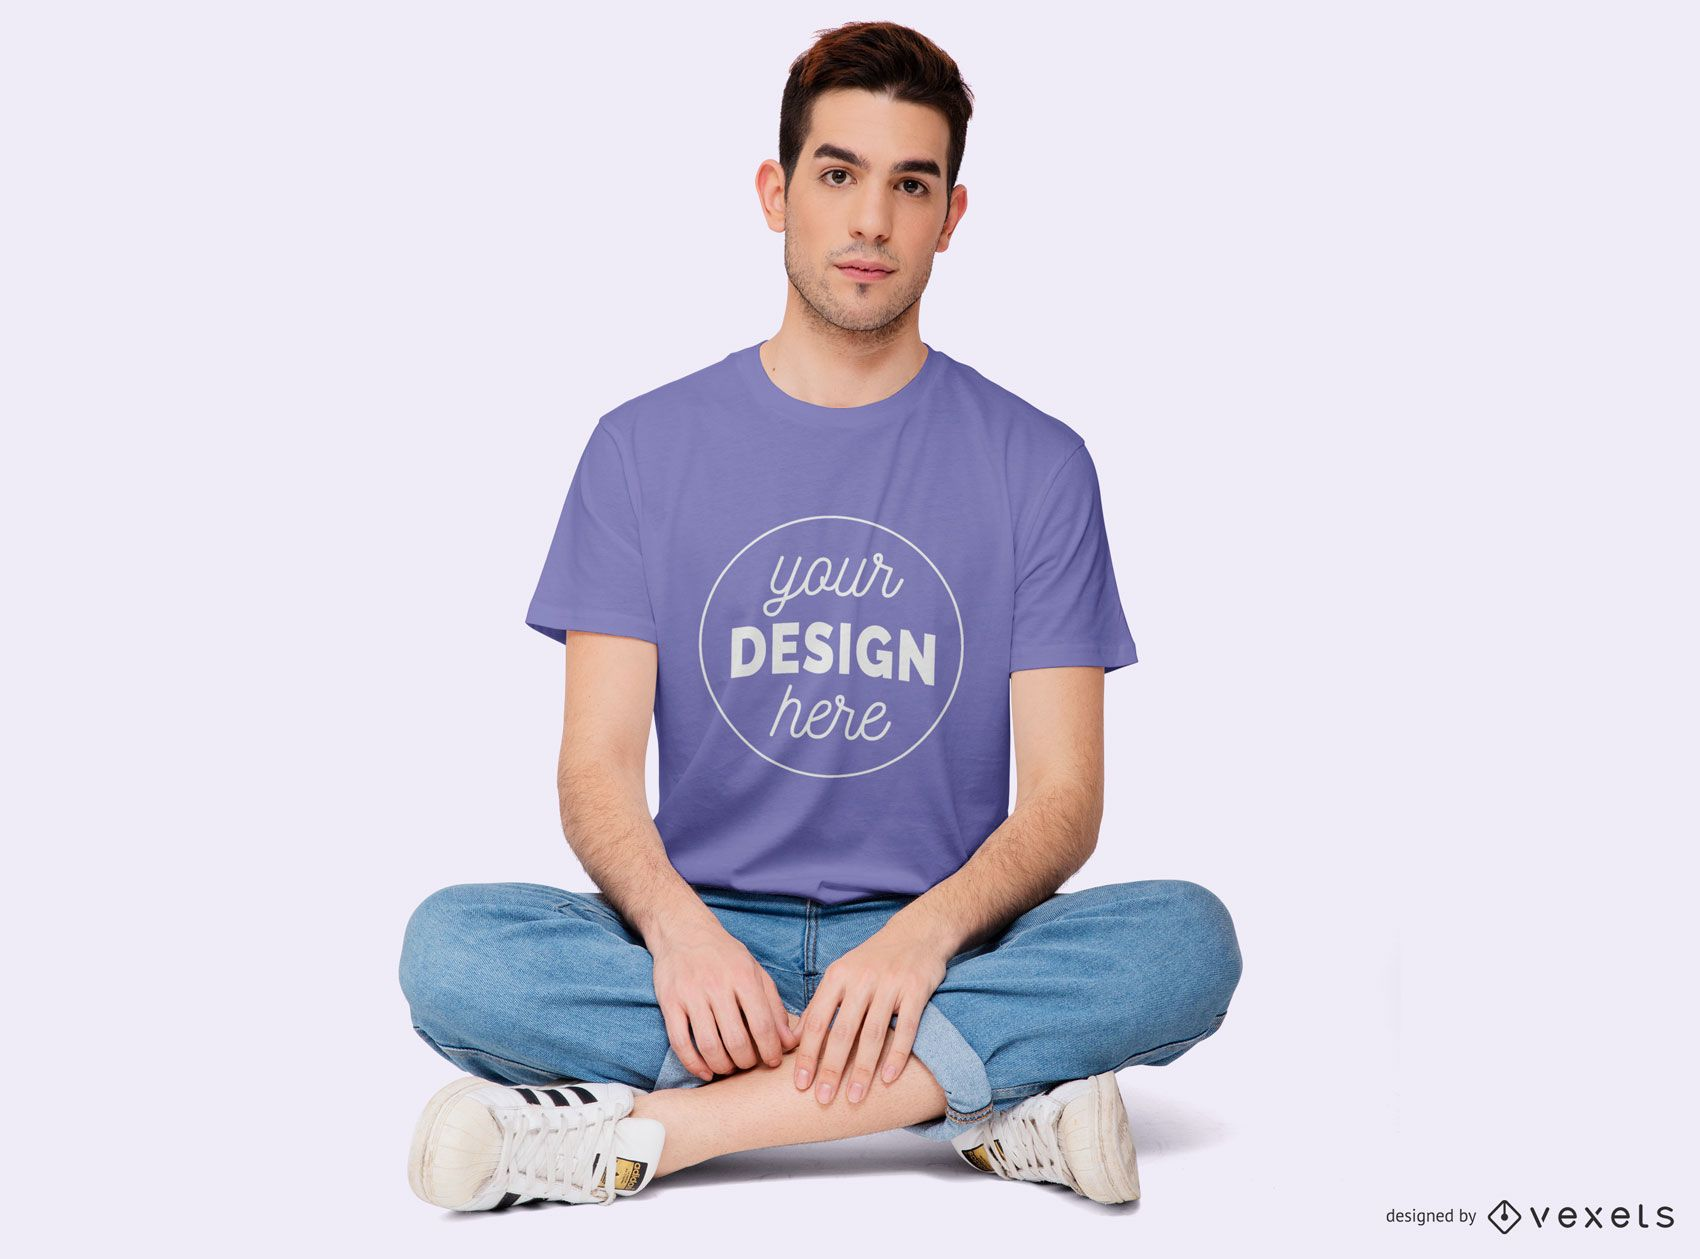 Junge sitzt mit gekreuzten Beinen T-Shirt Mockup